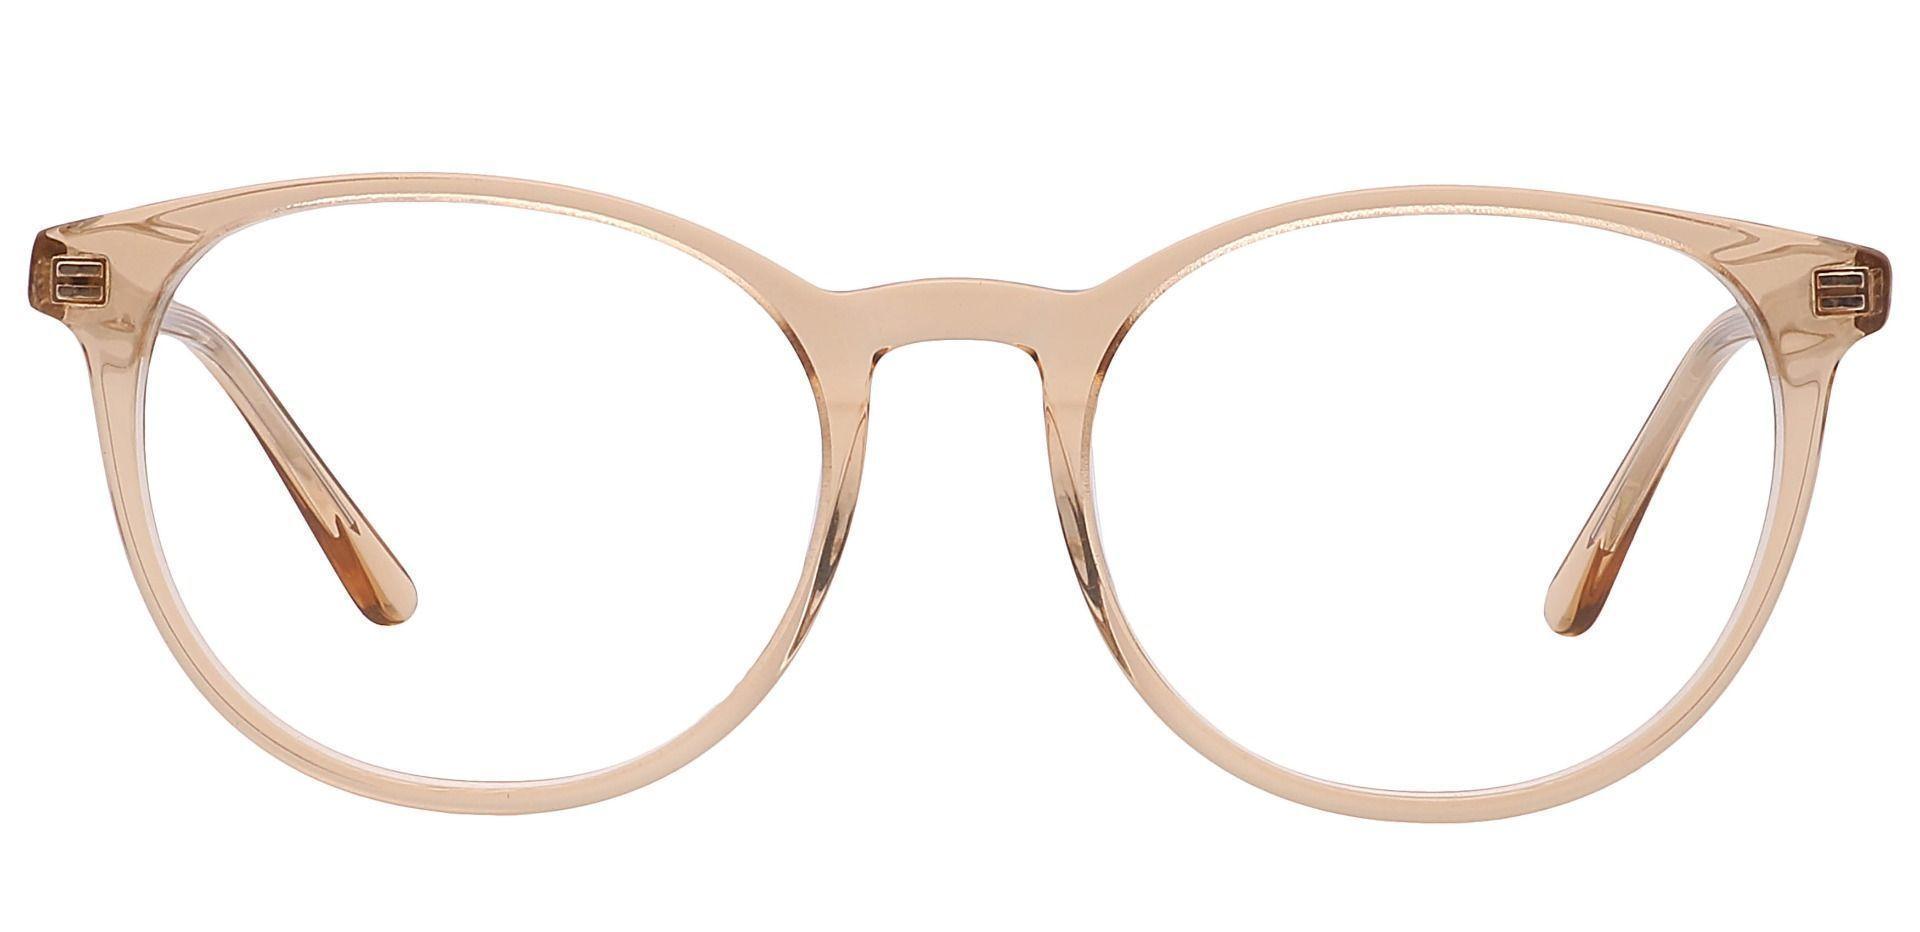 Driver Round Prescription Glasses - Light Topaz